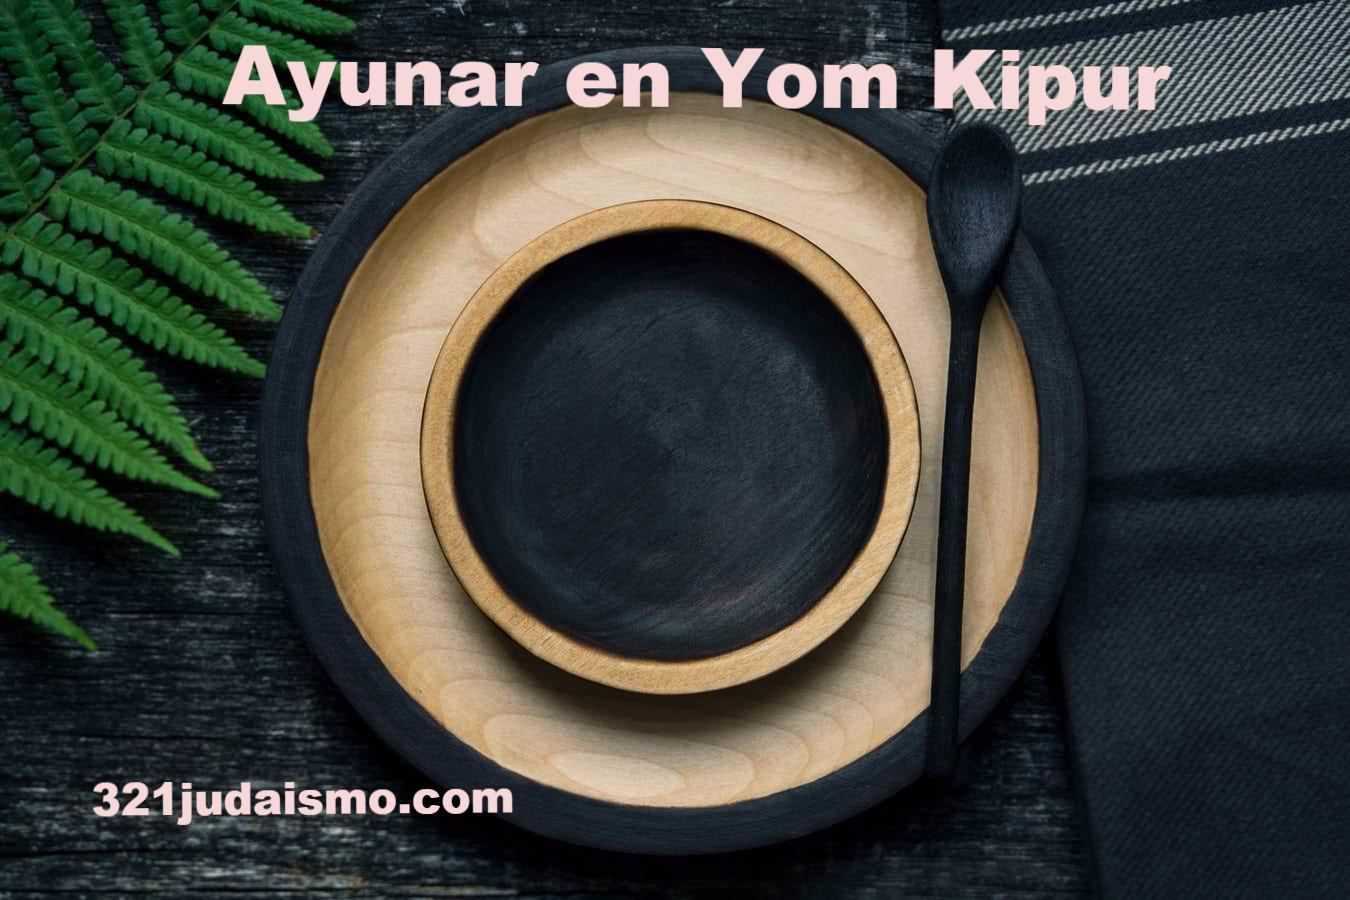 Ayunar en Yom Kipur